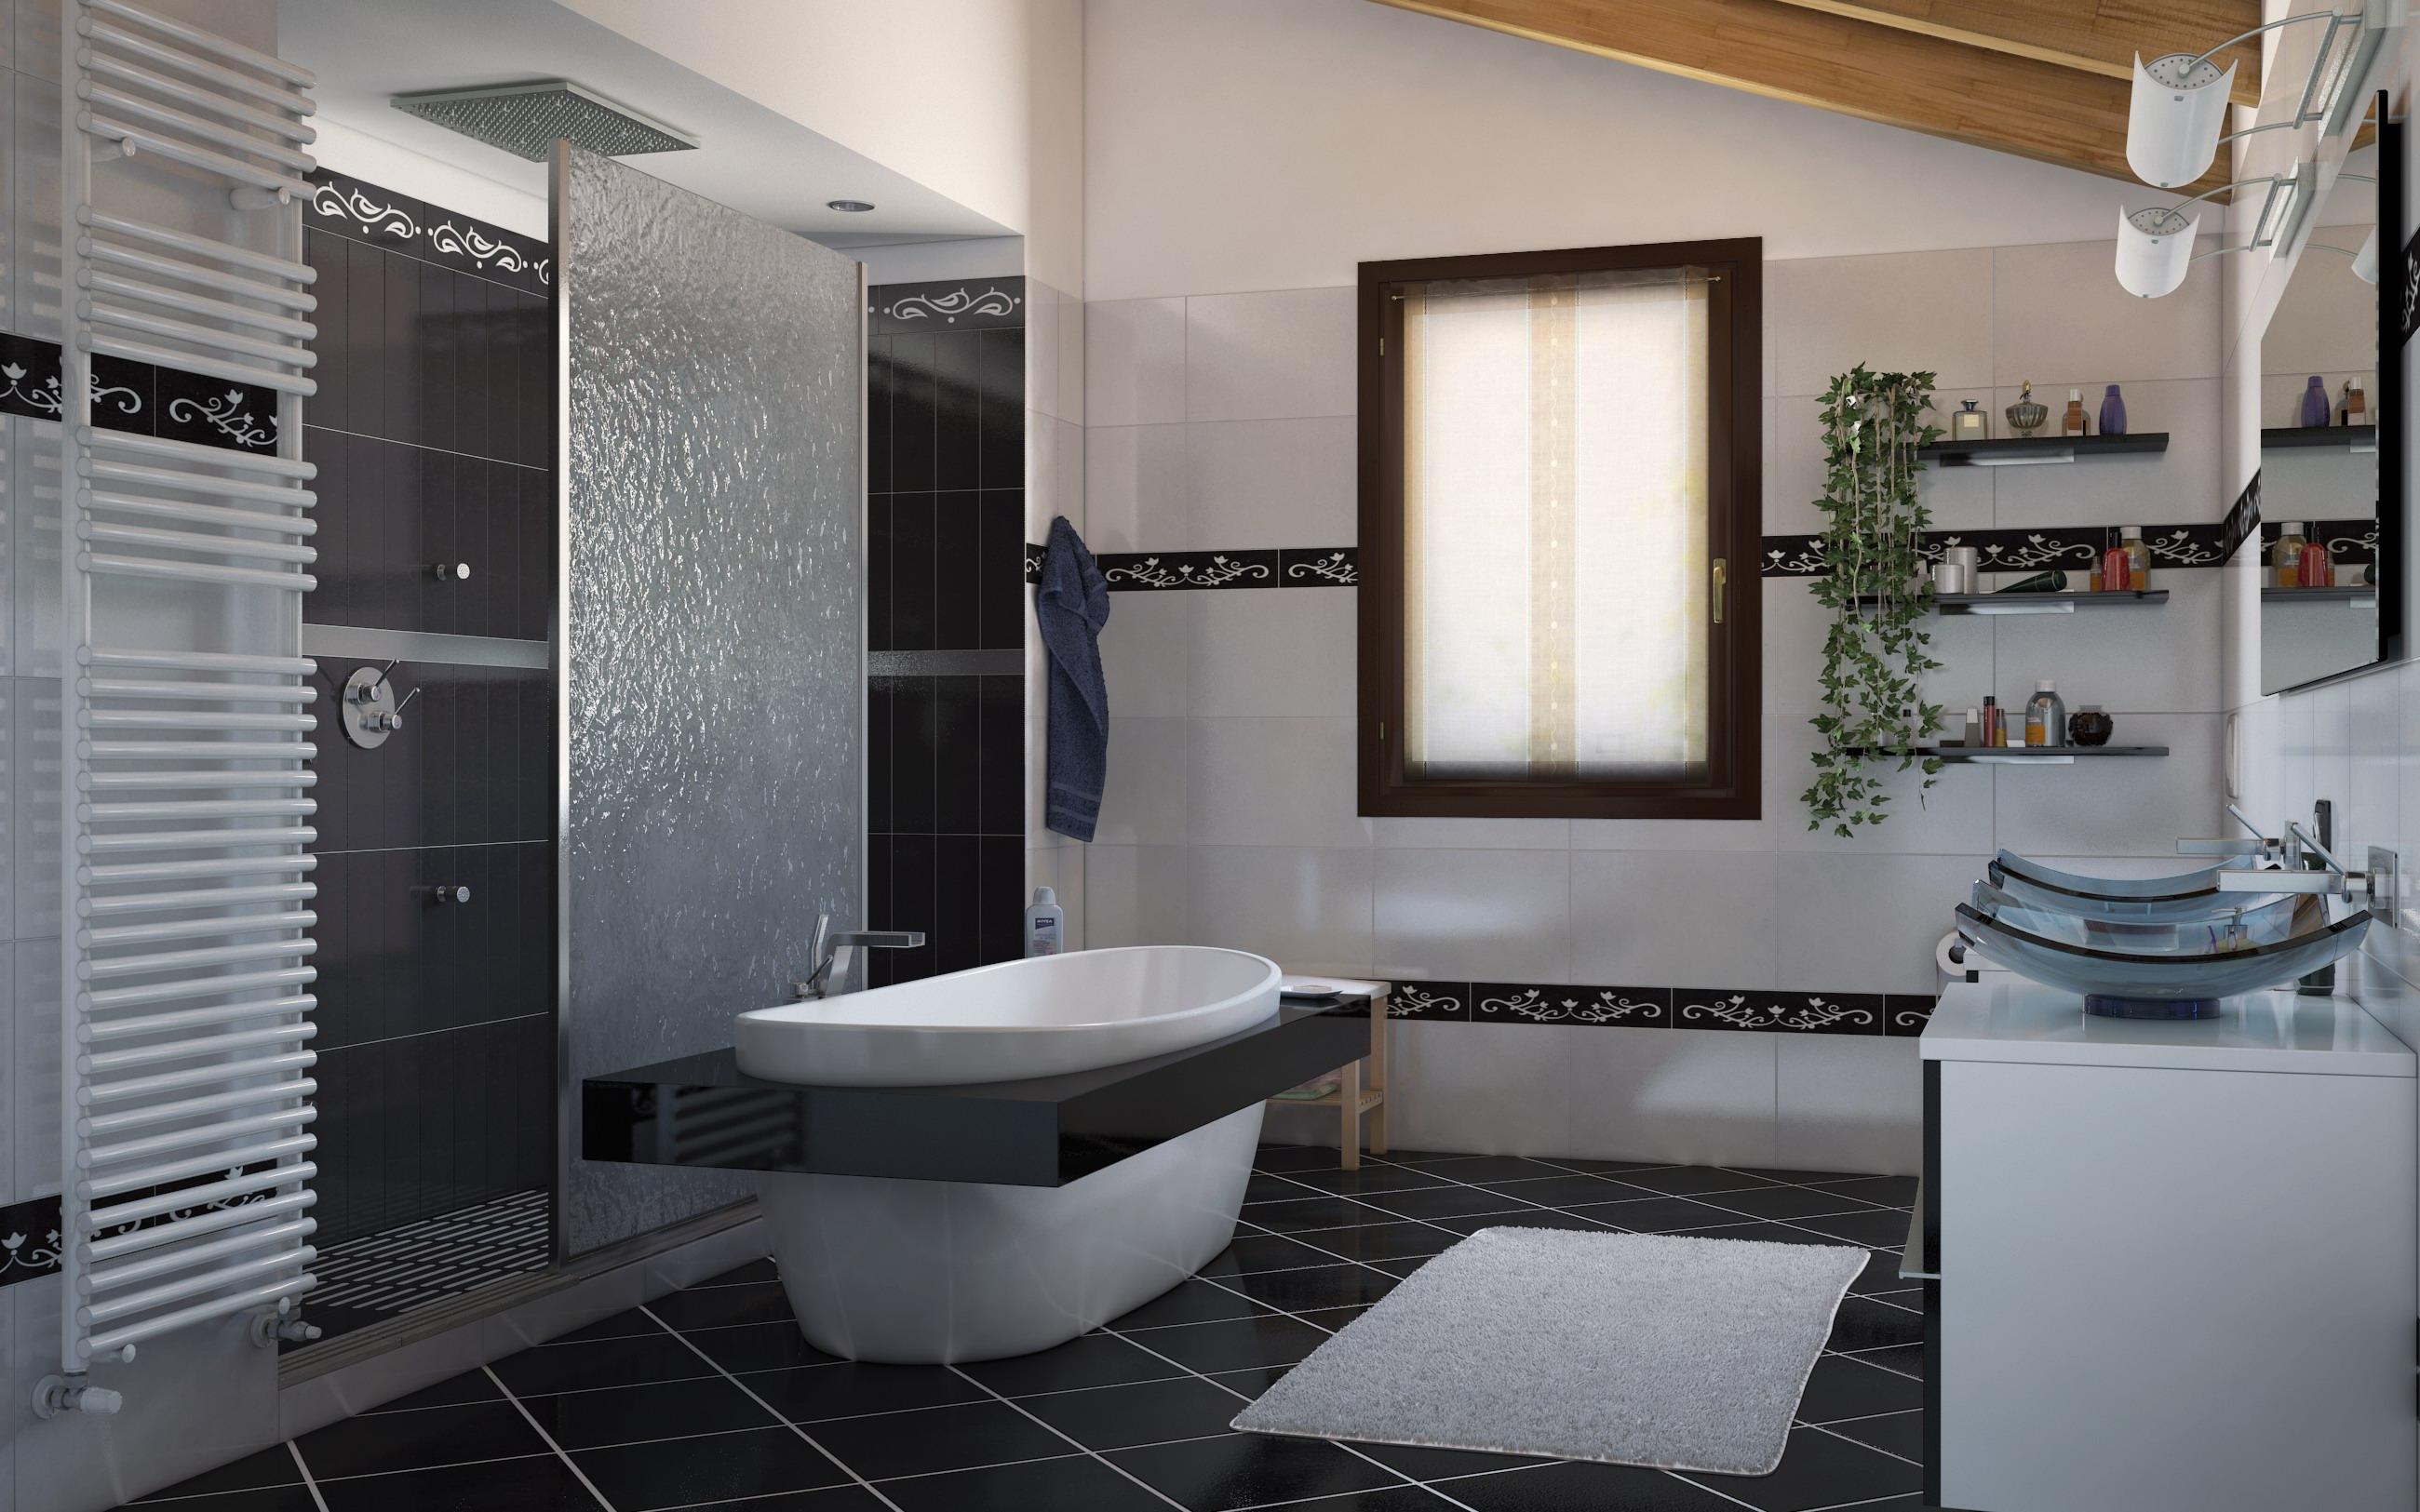 Soluzioni per il bagno soluzioni arredo bagno padova - Immagini arredo bagno ...